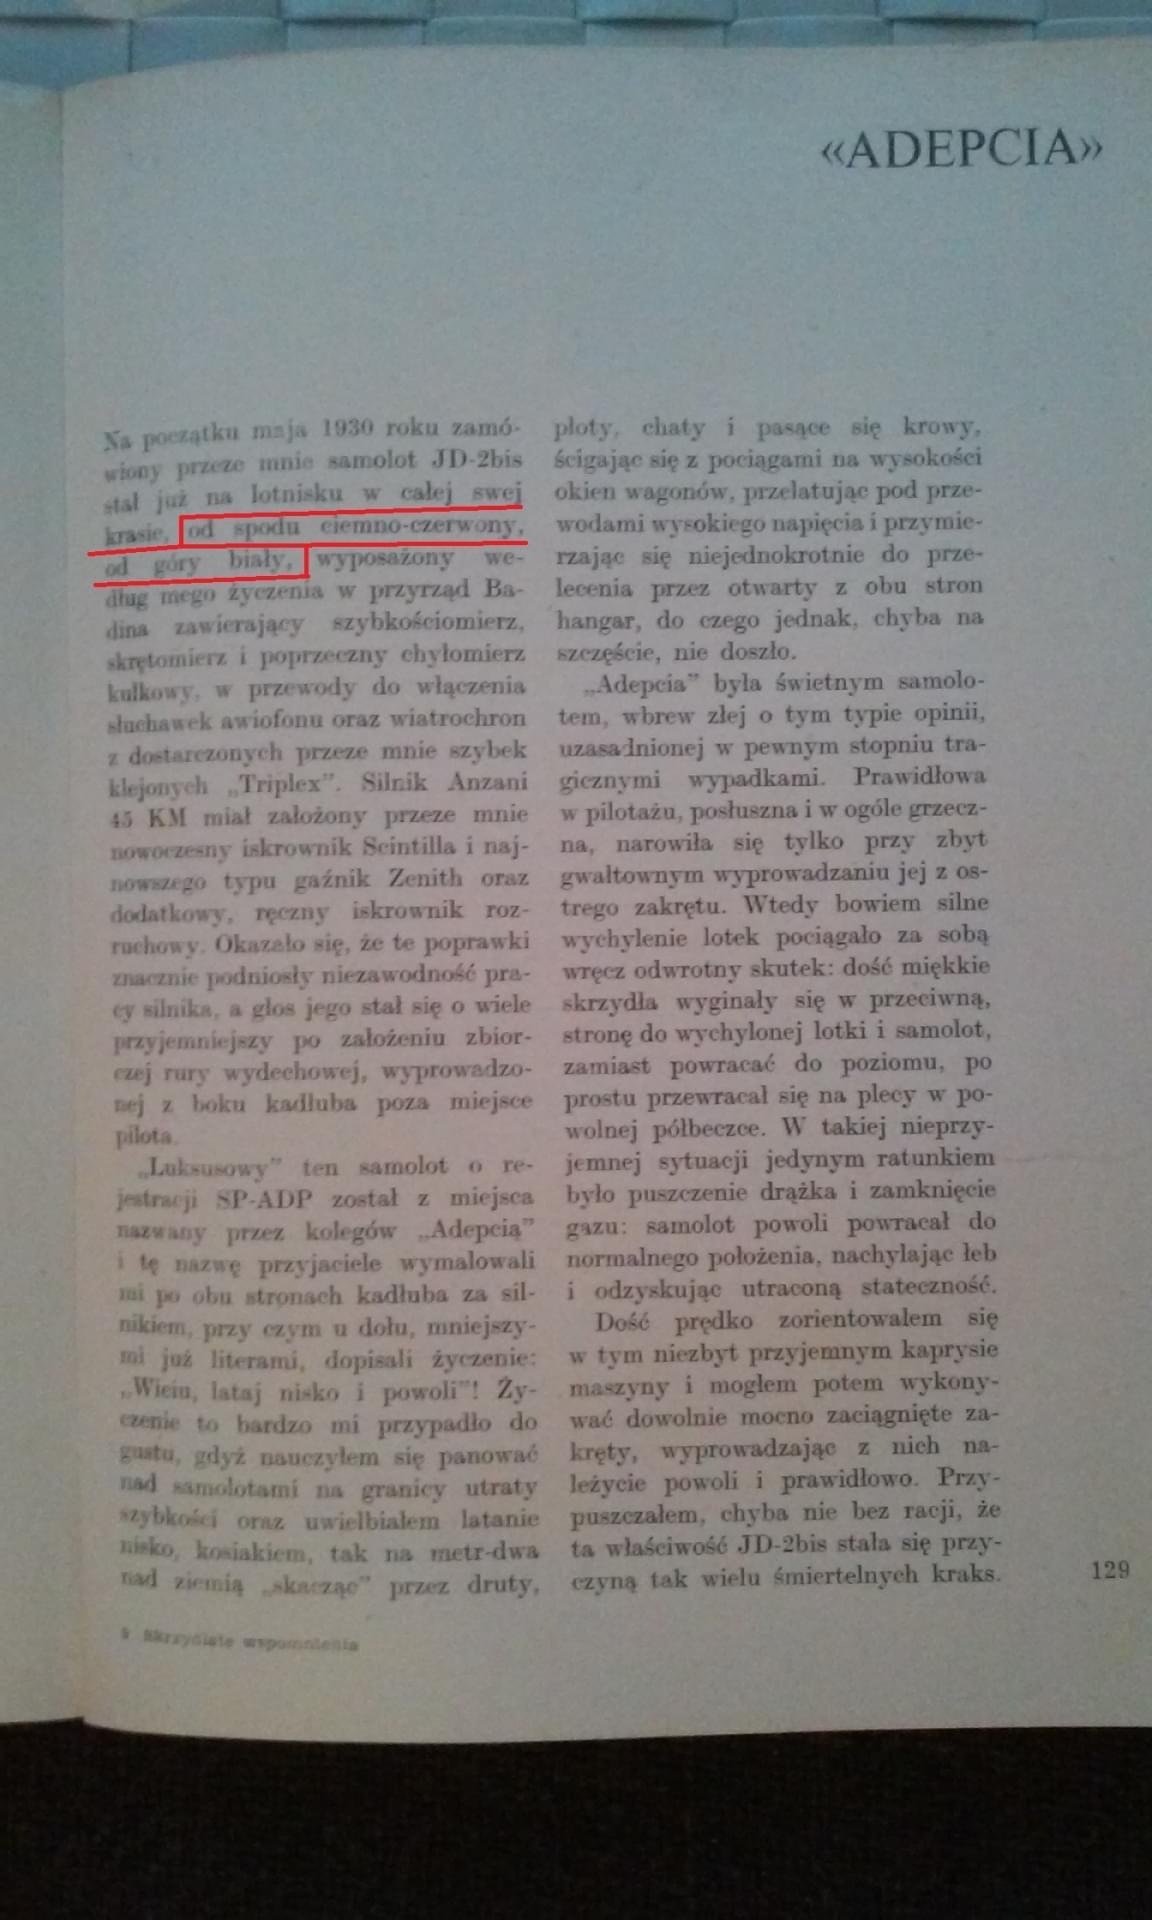 f527671a1d41af61.jpg